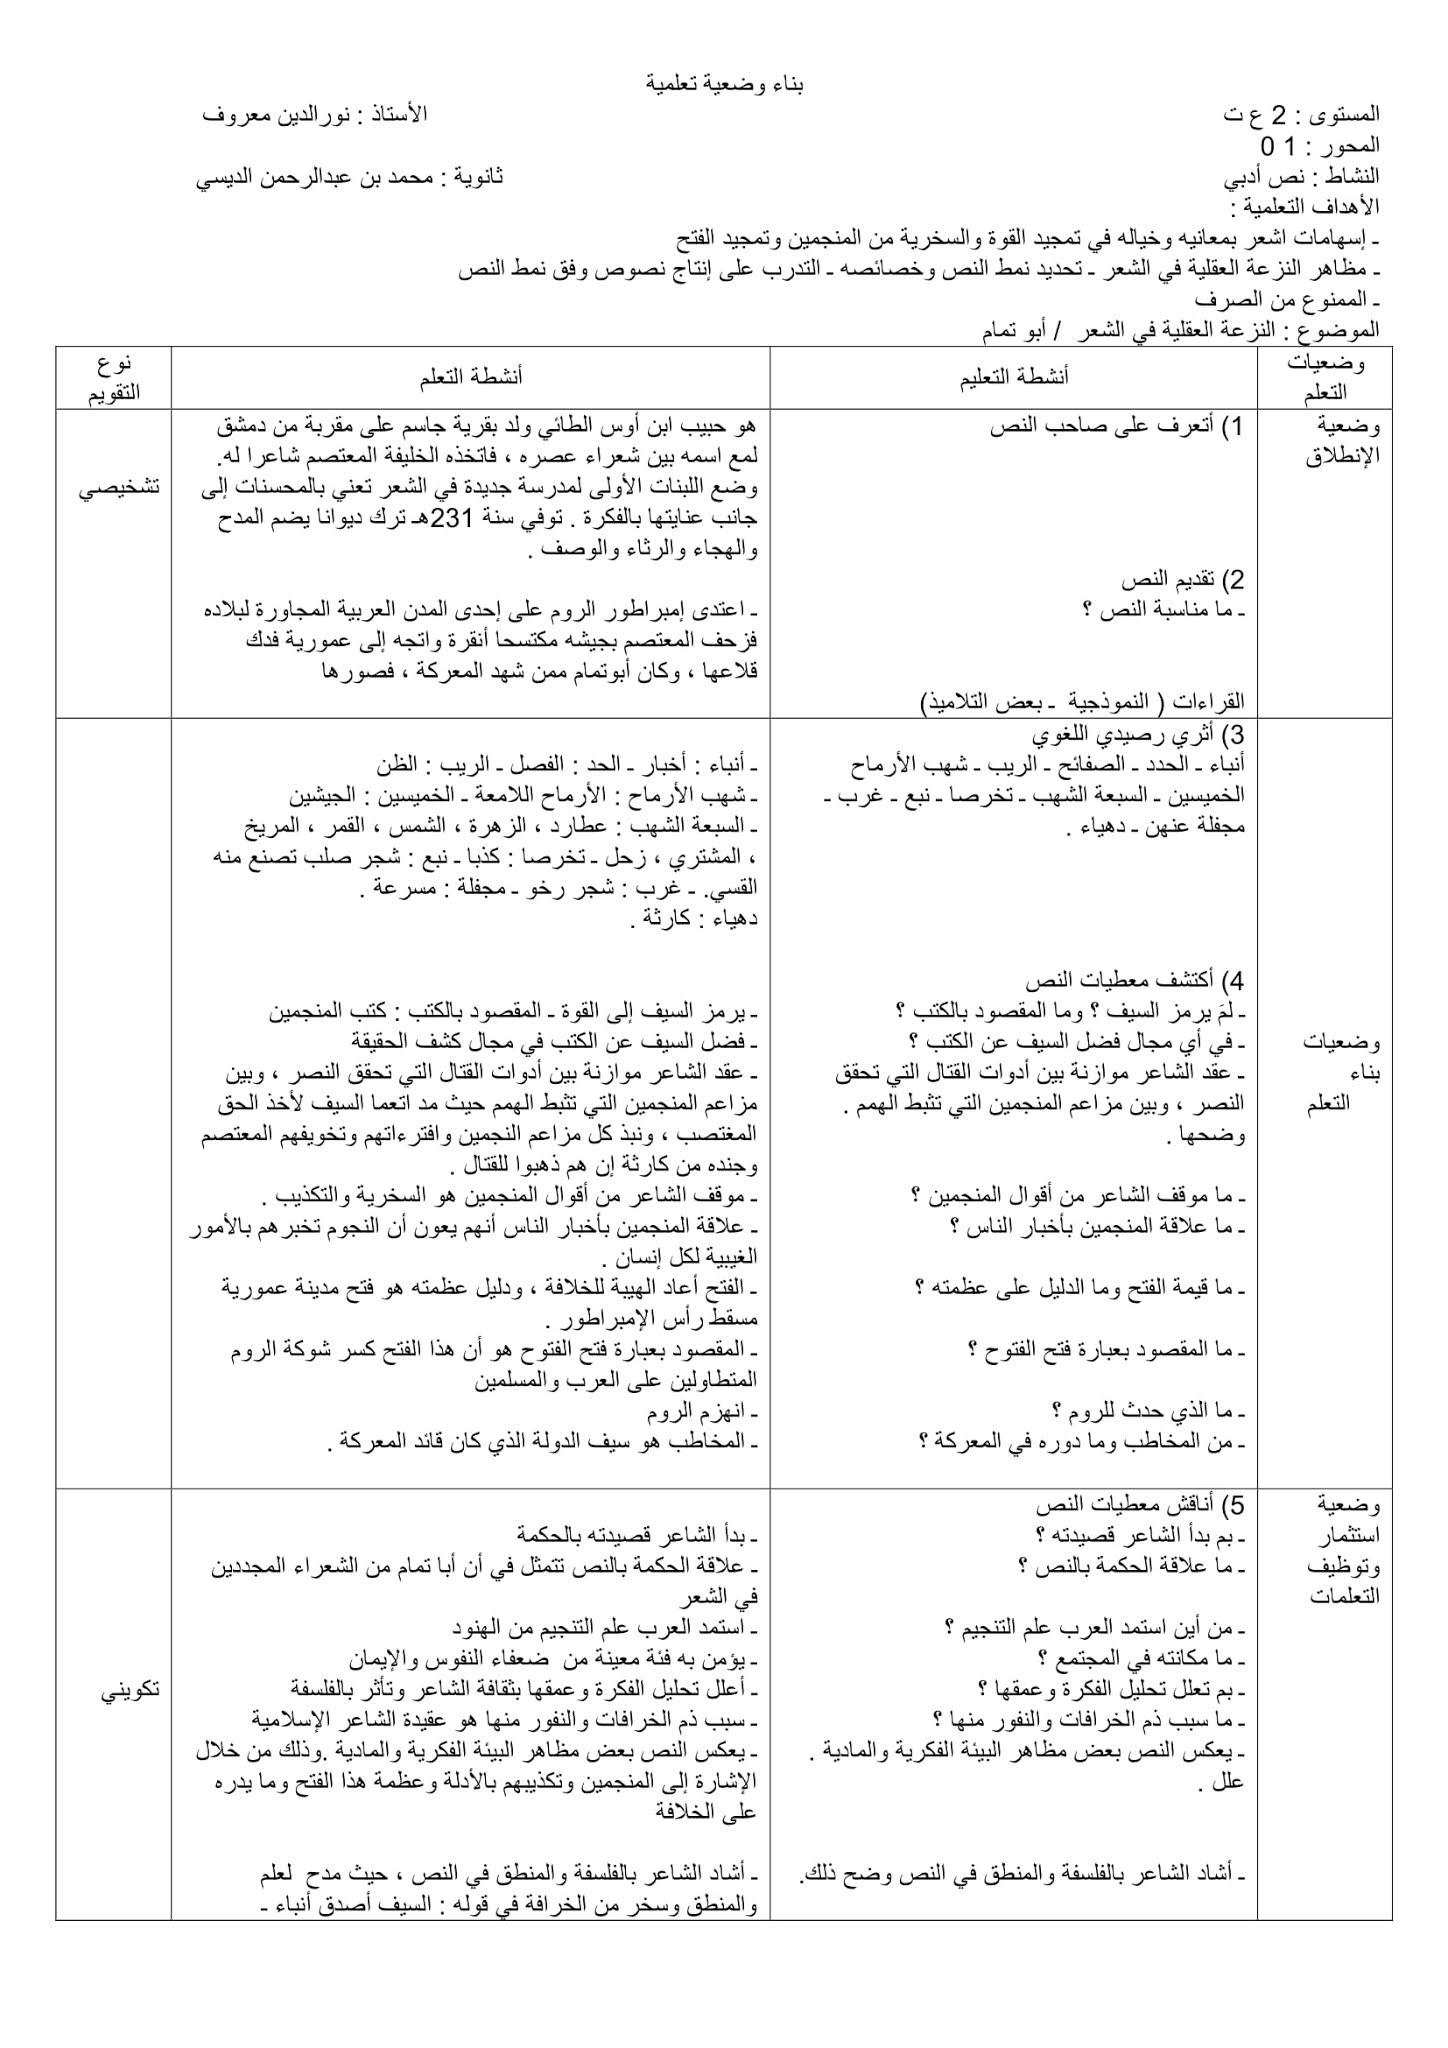 تحضير النزعة العقلية في الشعر 2 ثانوي علمي صفحة 11 من الكتاب المدرسي